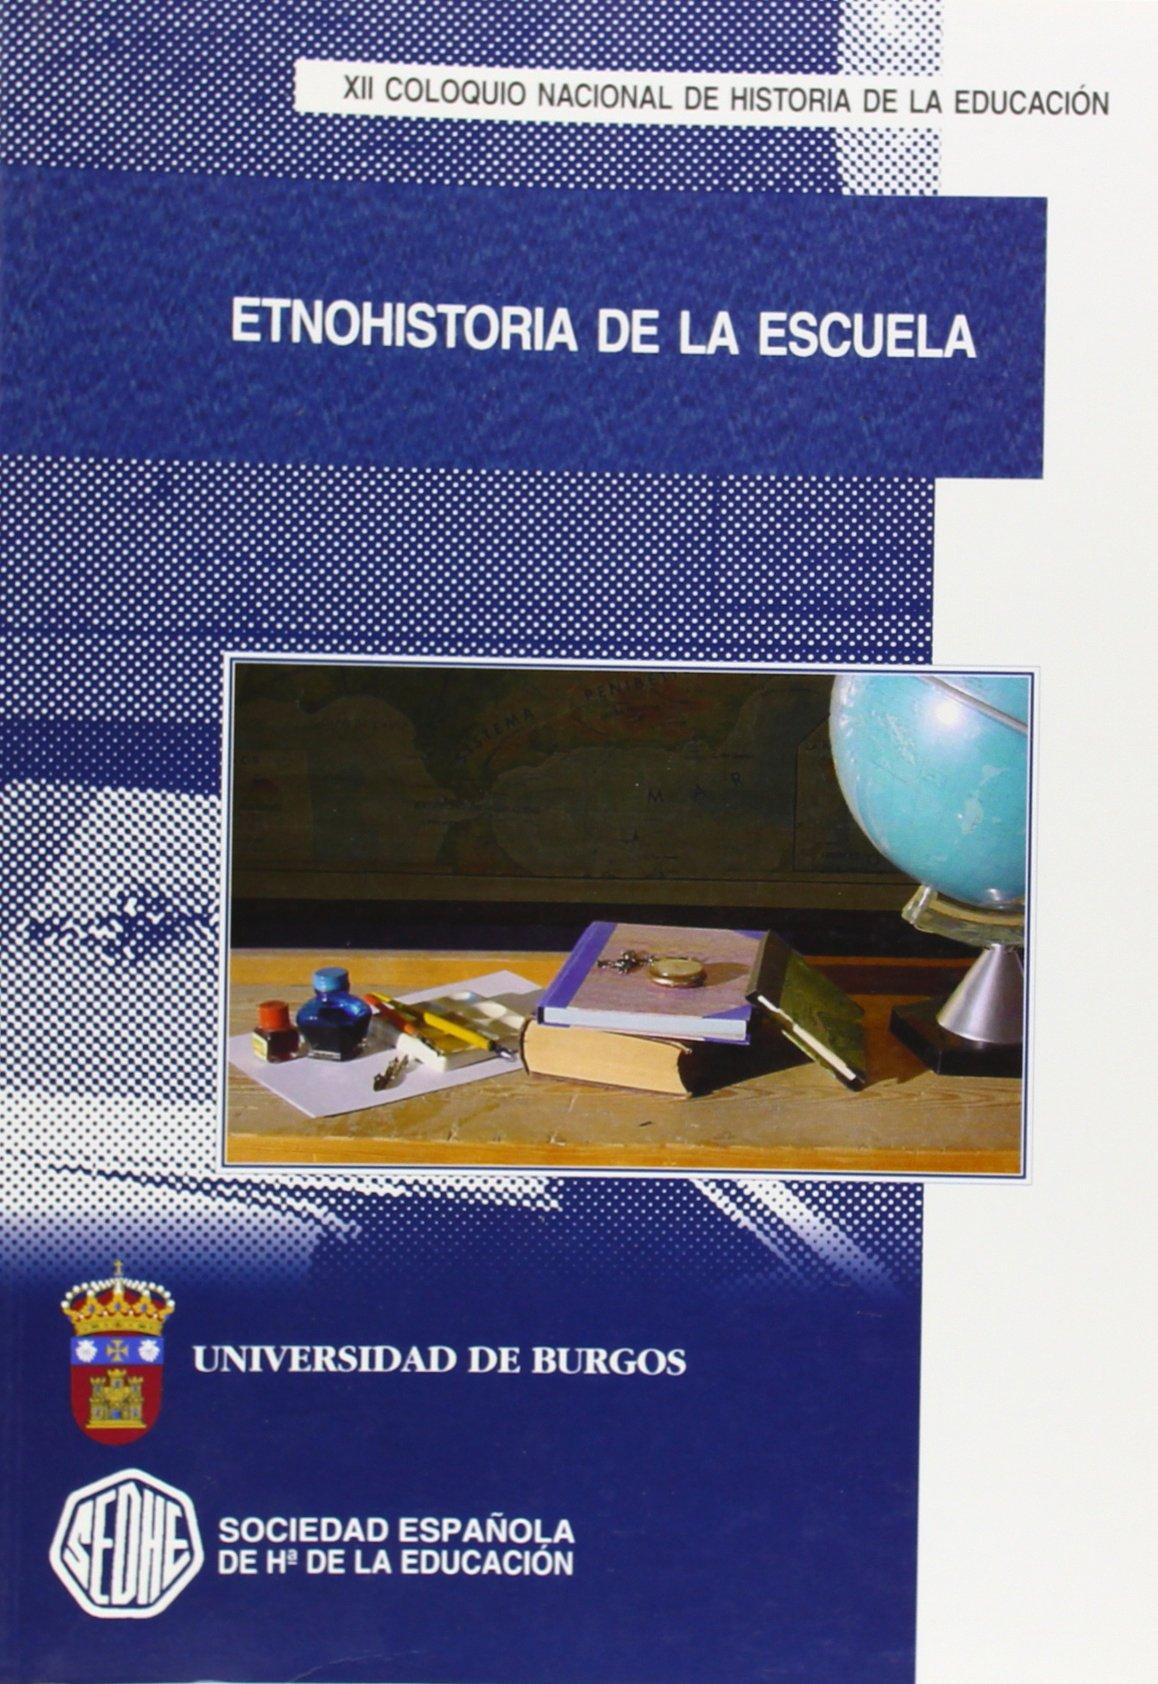 Etnohistoria de la escuela. XII Coloquio nacional de historia de ...